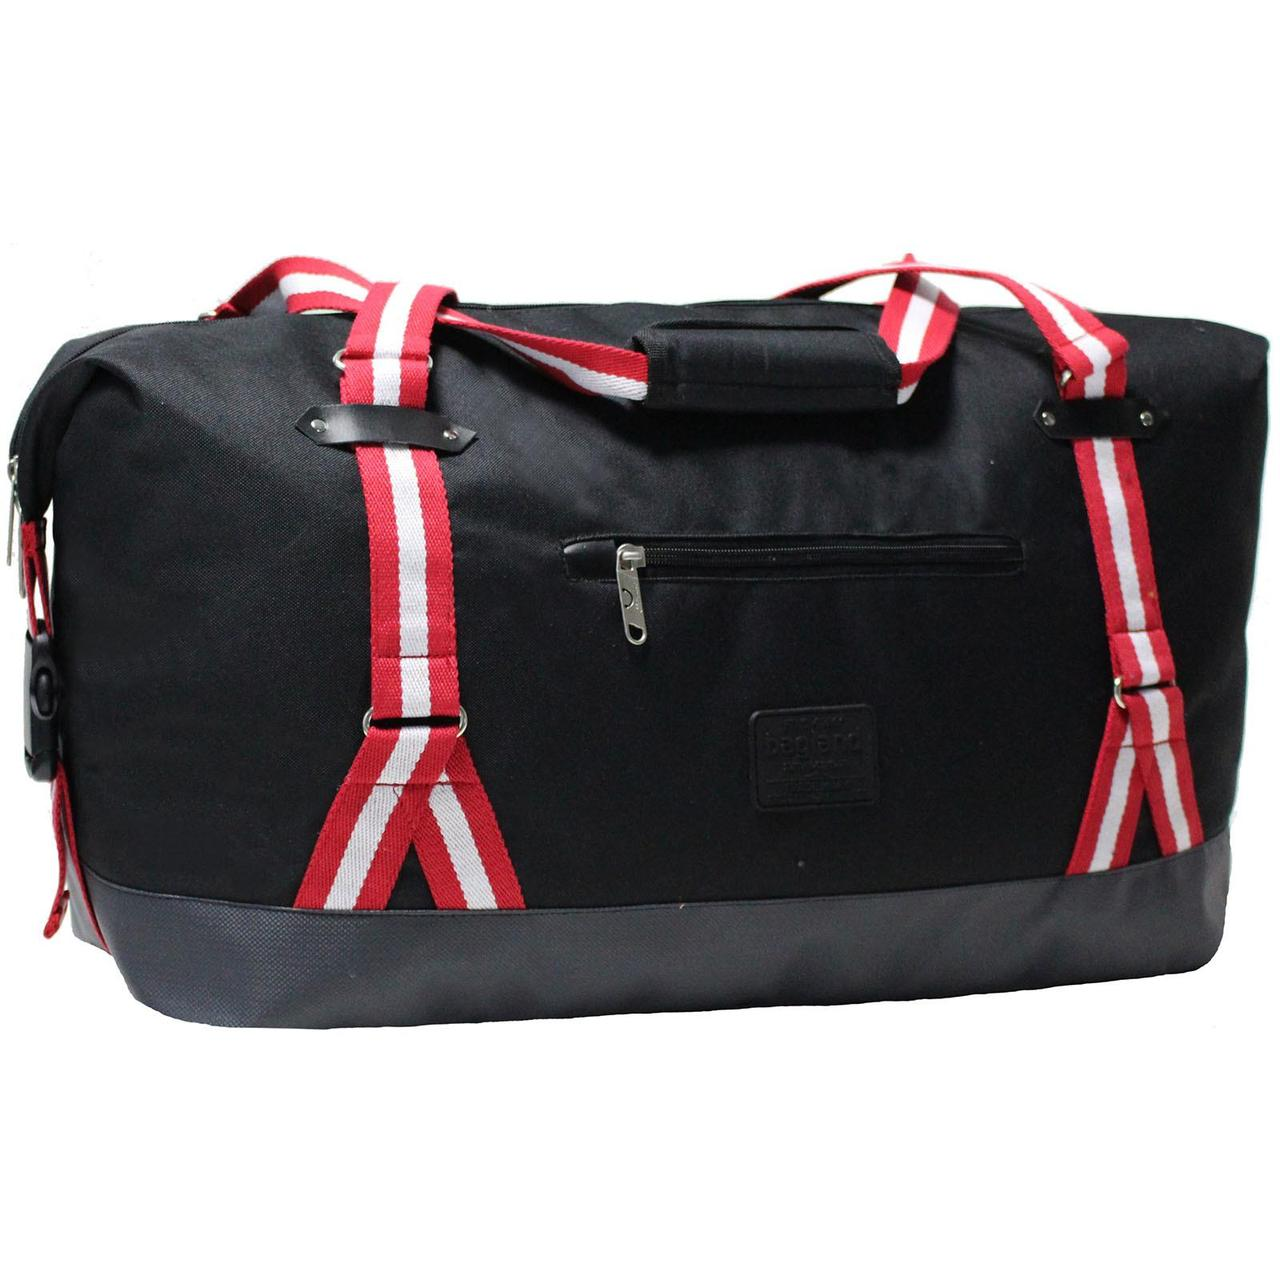 Сумка дорожная Bagland Preston, спортивная туристическая сумка для путешествий 54 л. Чёрный (0031766)